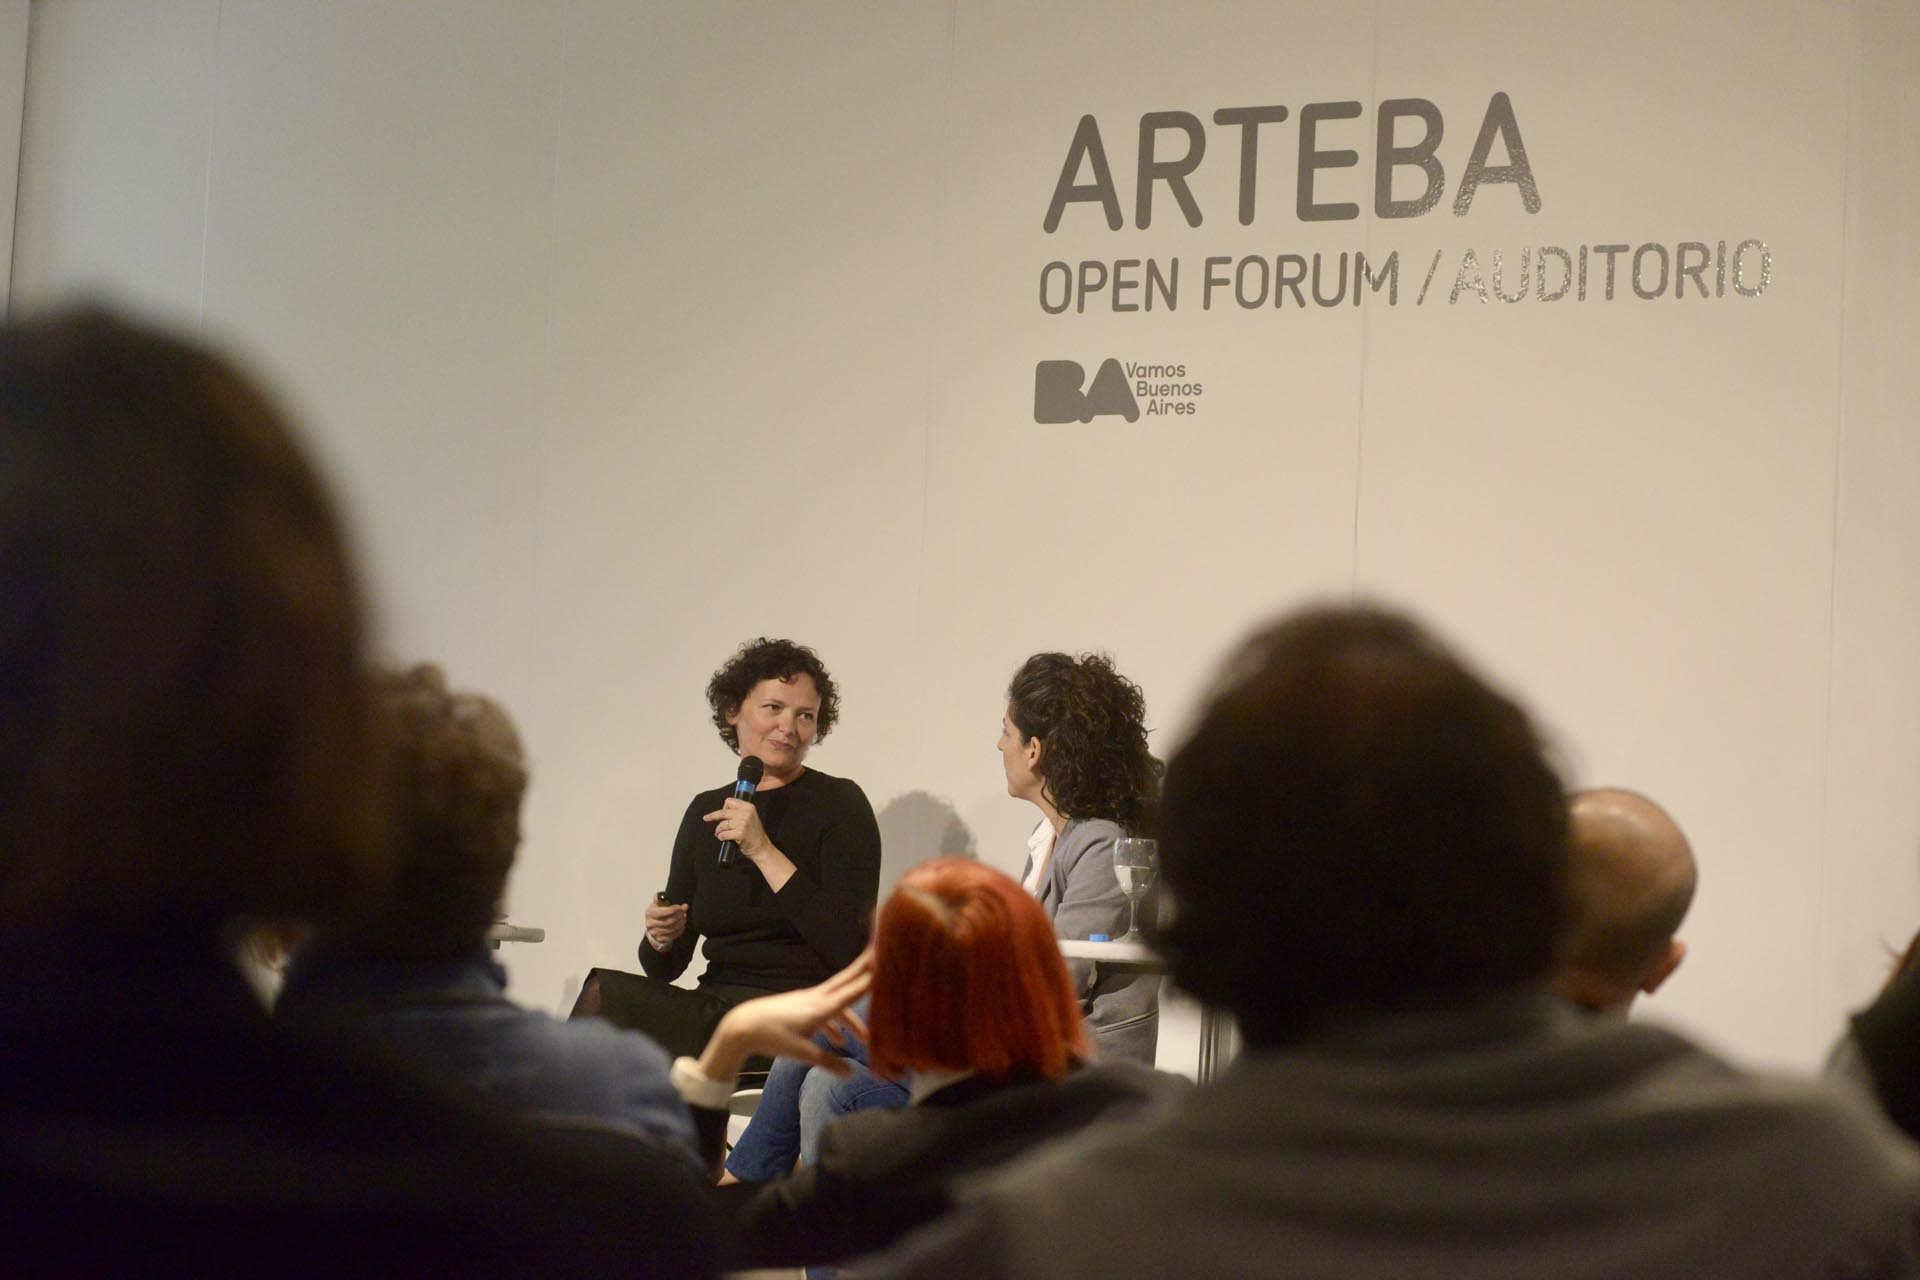 Alemani participó de la última edición de arteBA